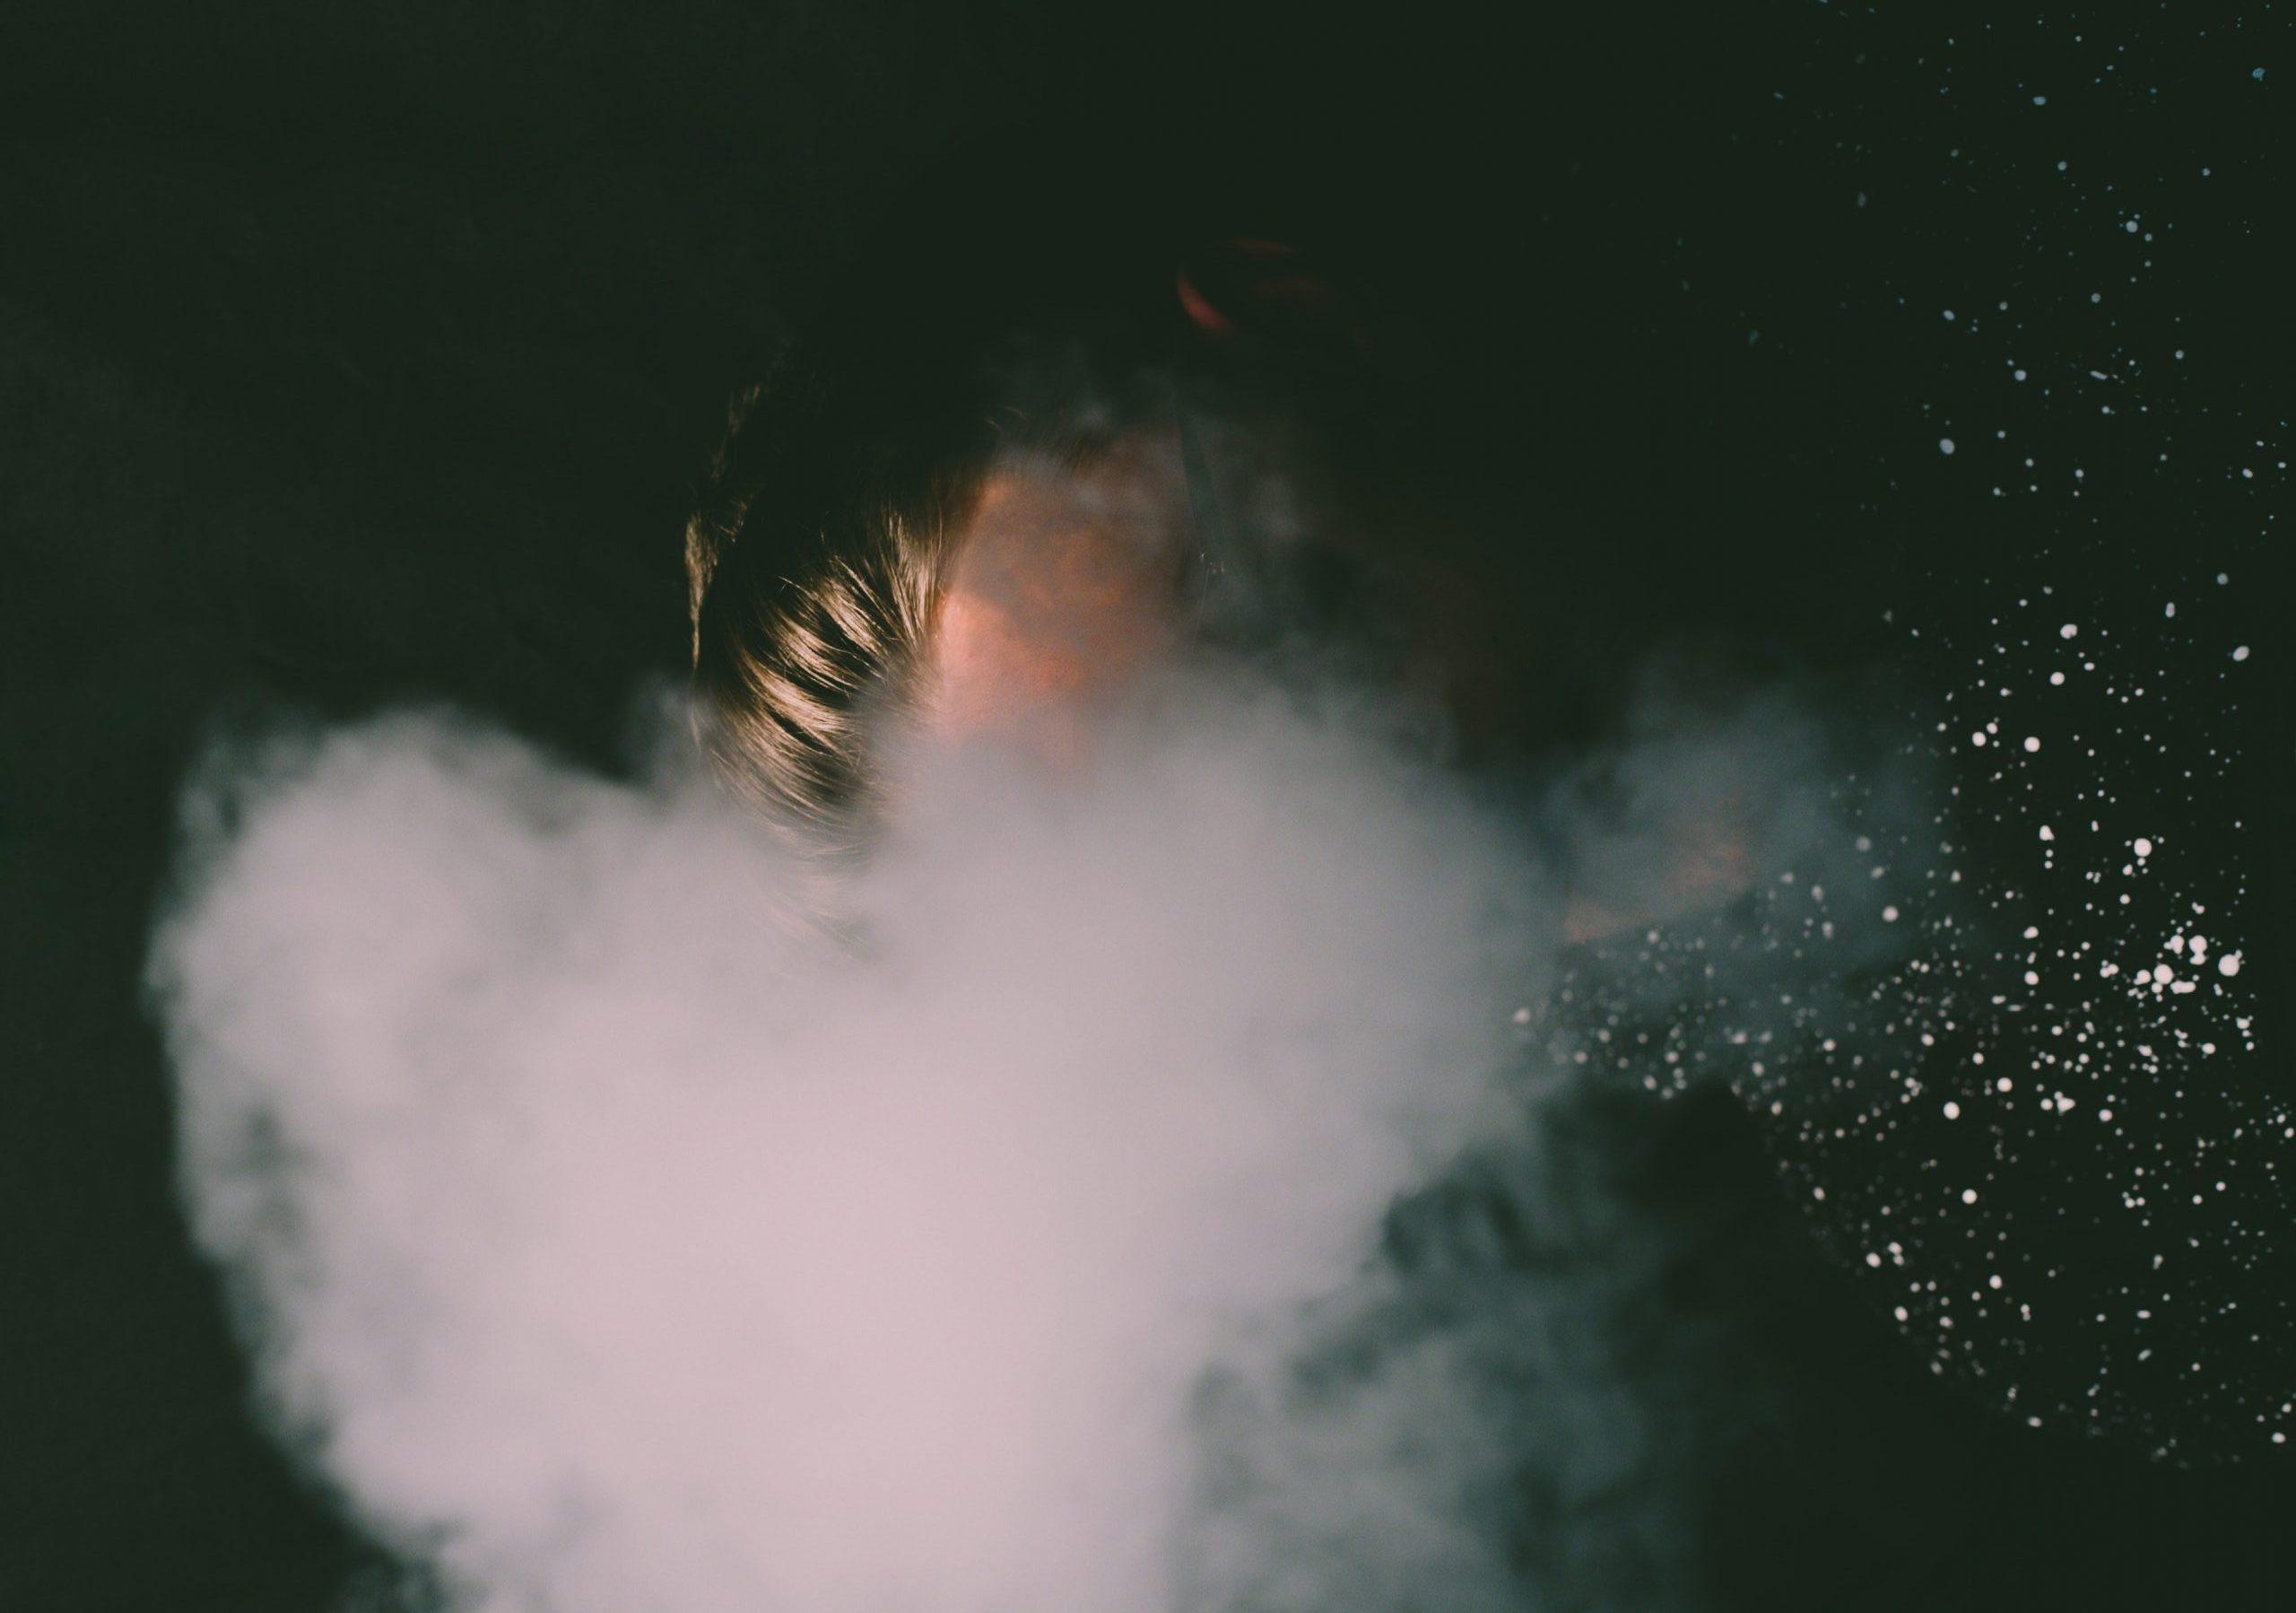 Informacije o elektronskih cigaretah, vodnih pipah in novih tobačnih izdelkih